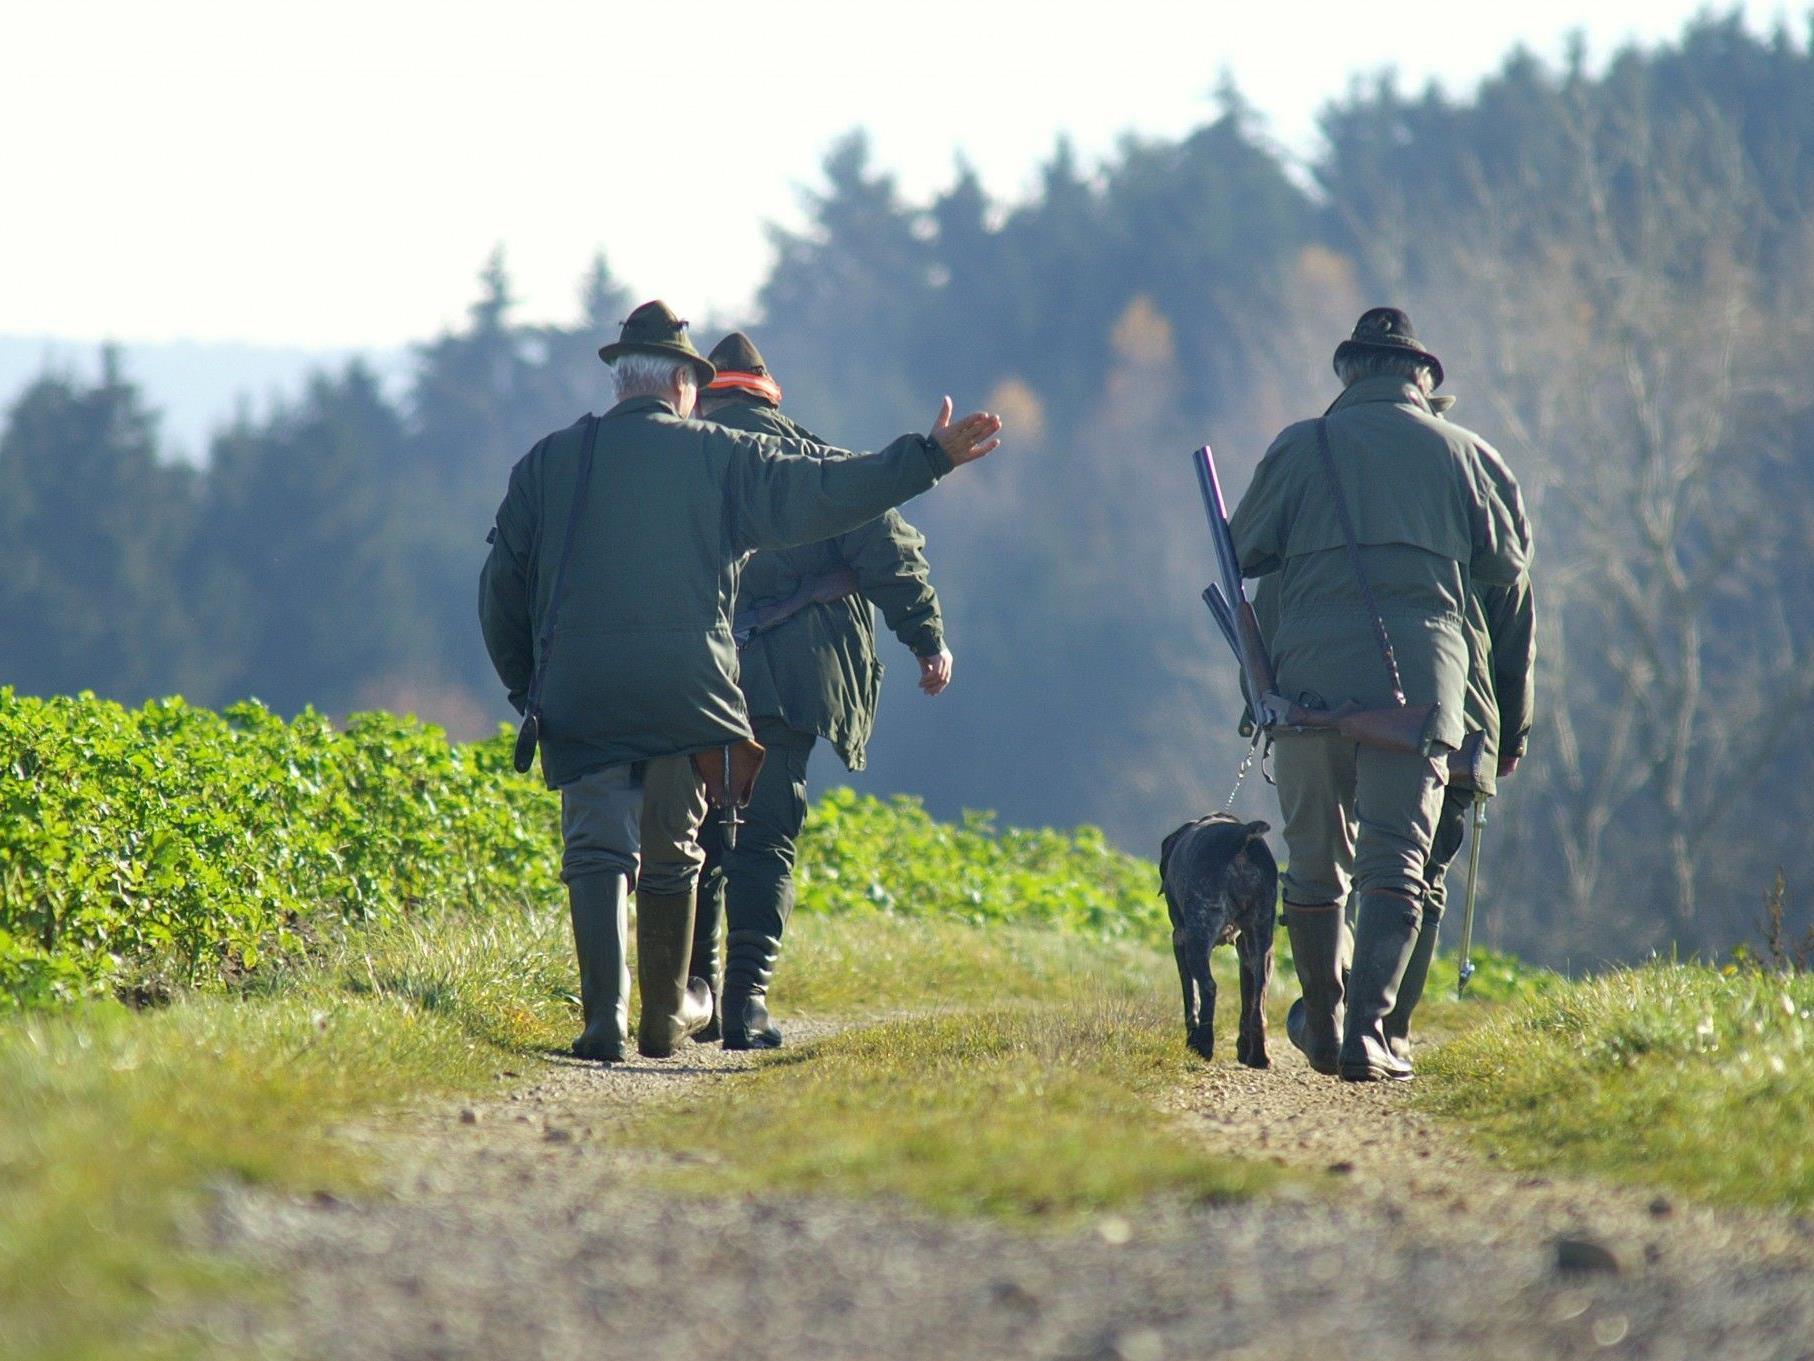 Der Tierschutzverein fordert eine 0,0-Promille-Grenze bei der Jagd.